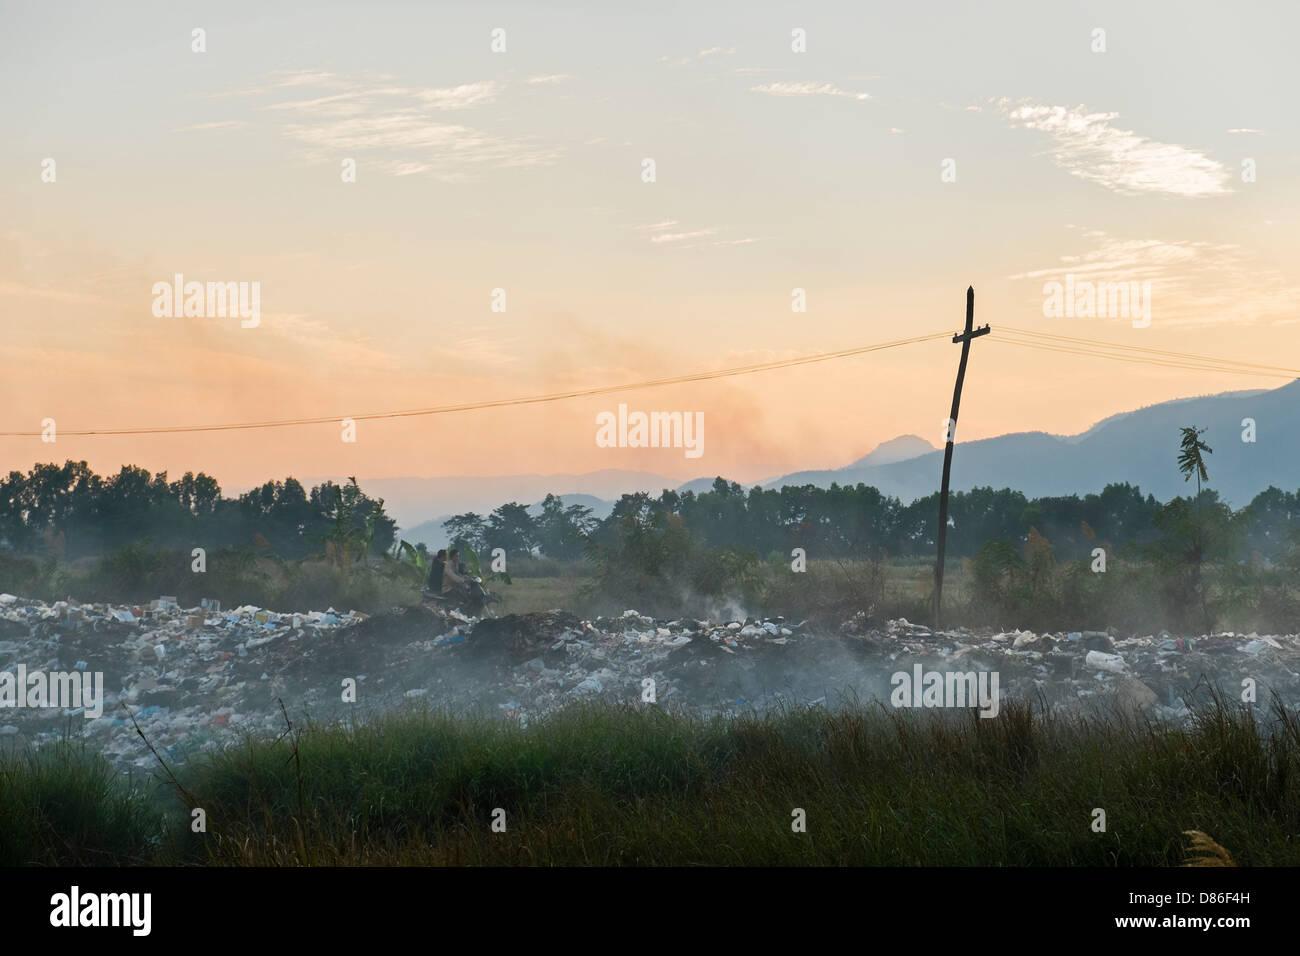 Dumping ground, Nyaung Shwe, Myanmar - Stock Image